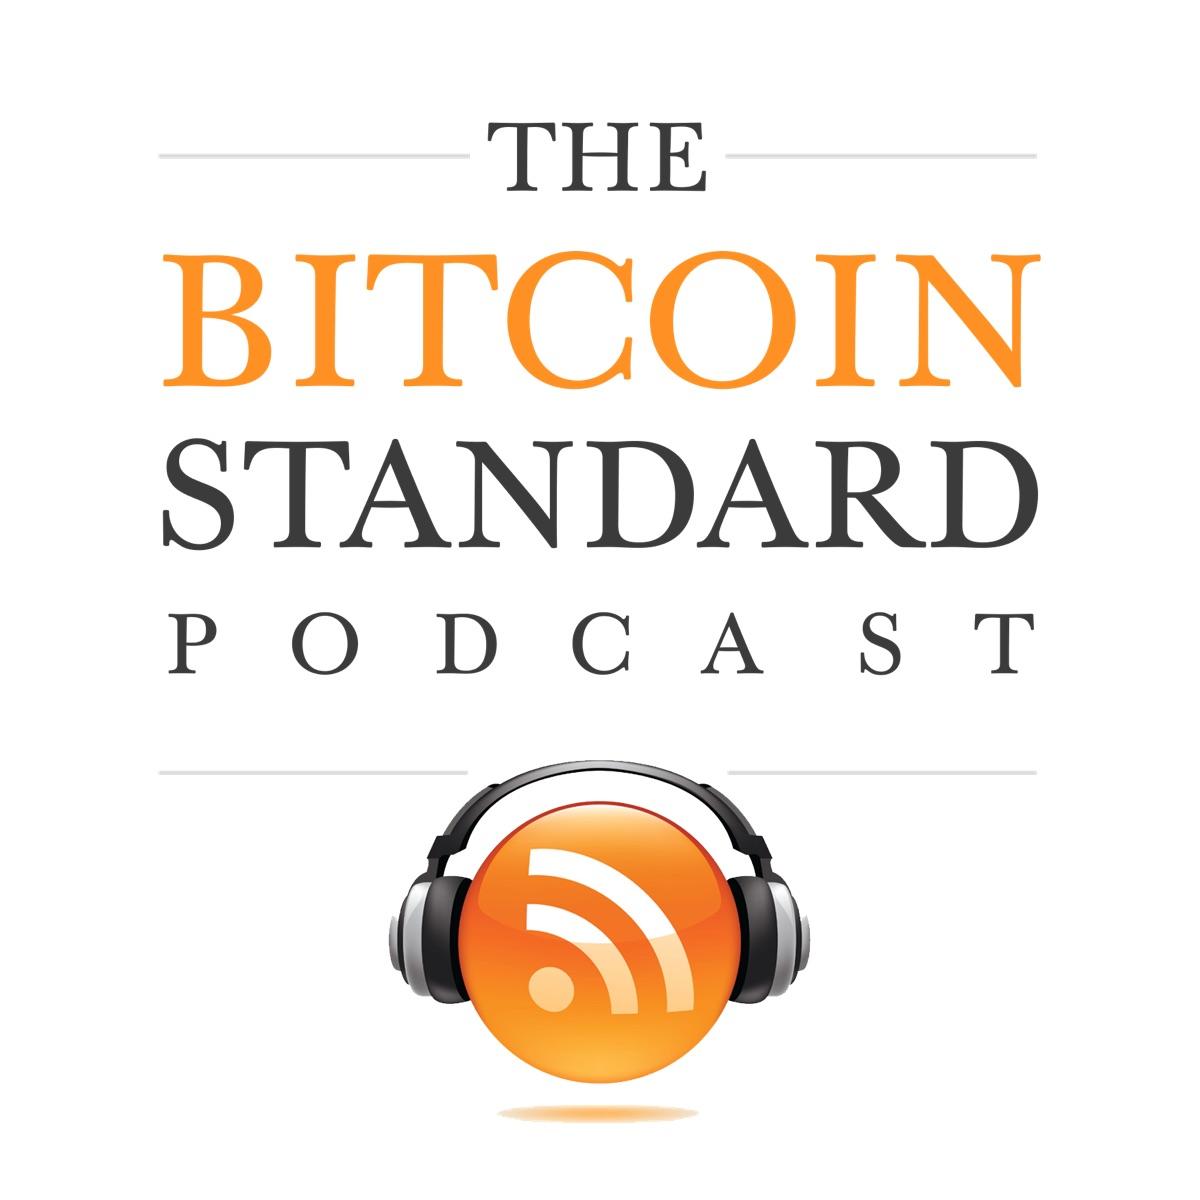 Bitcoin Cash Borsennews.